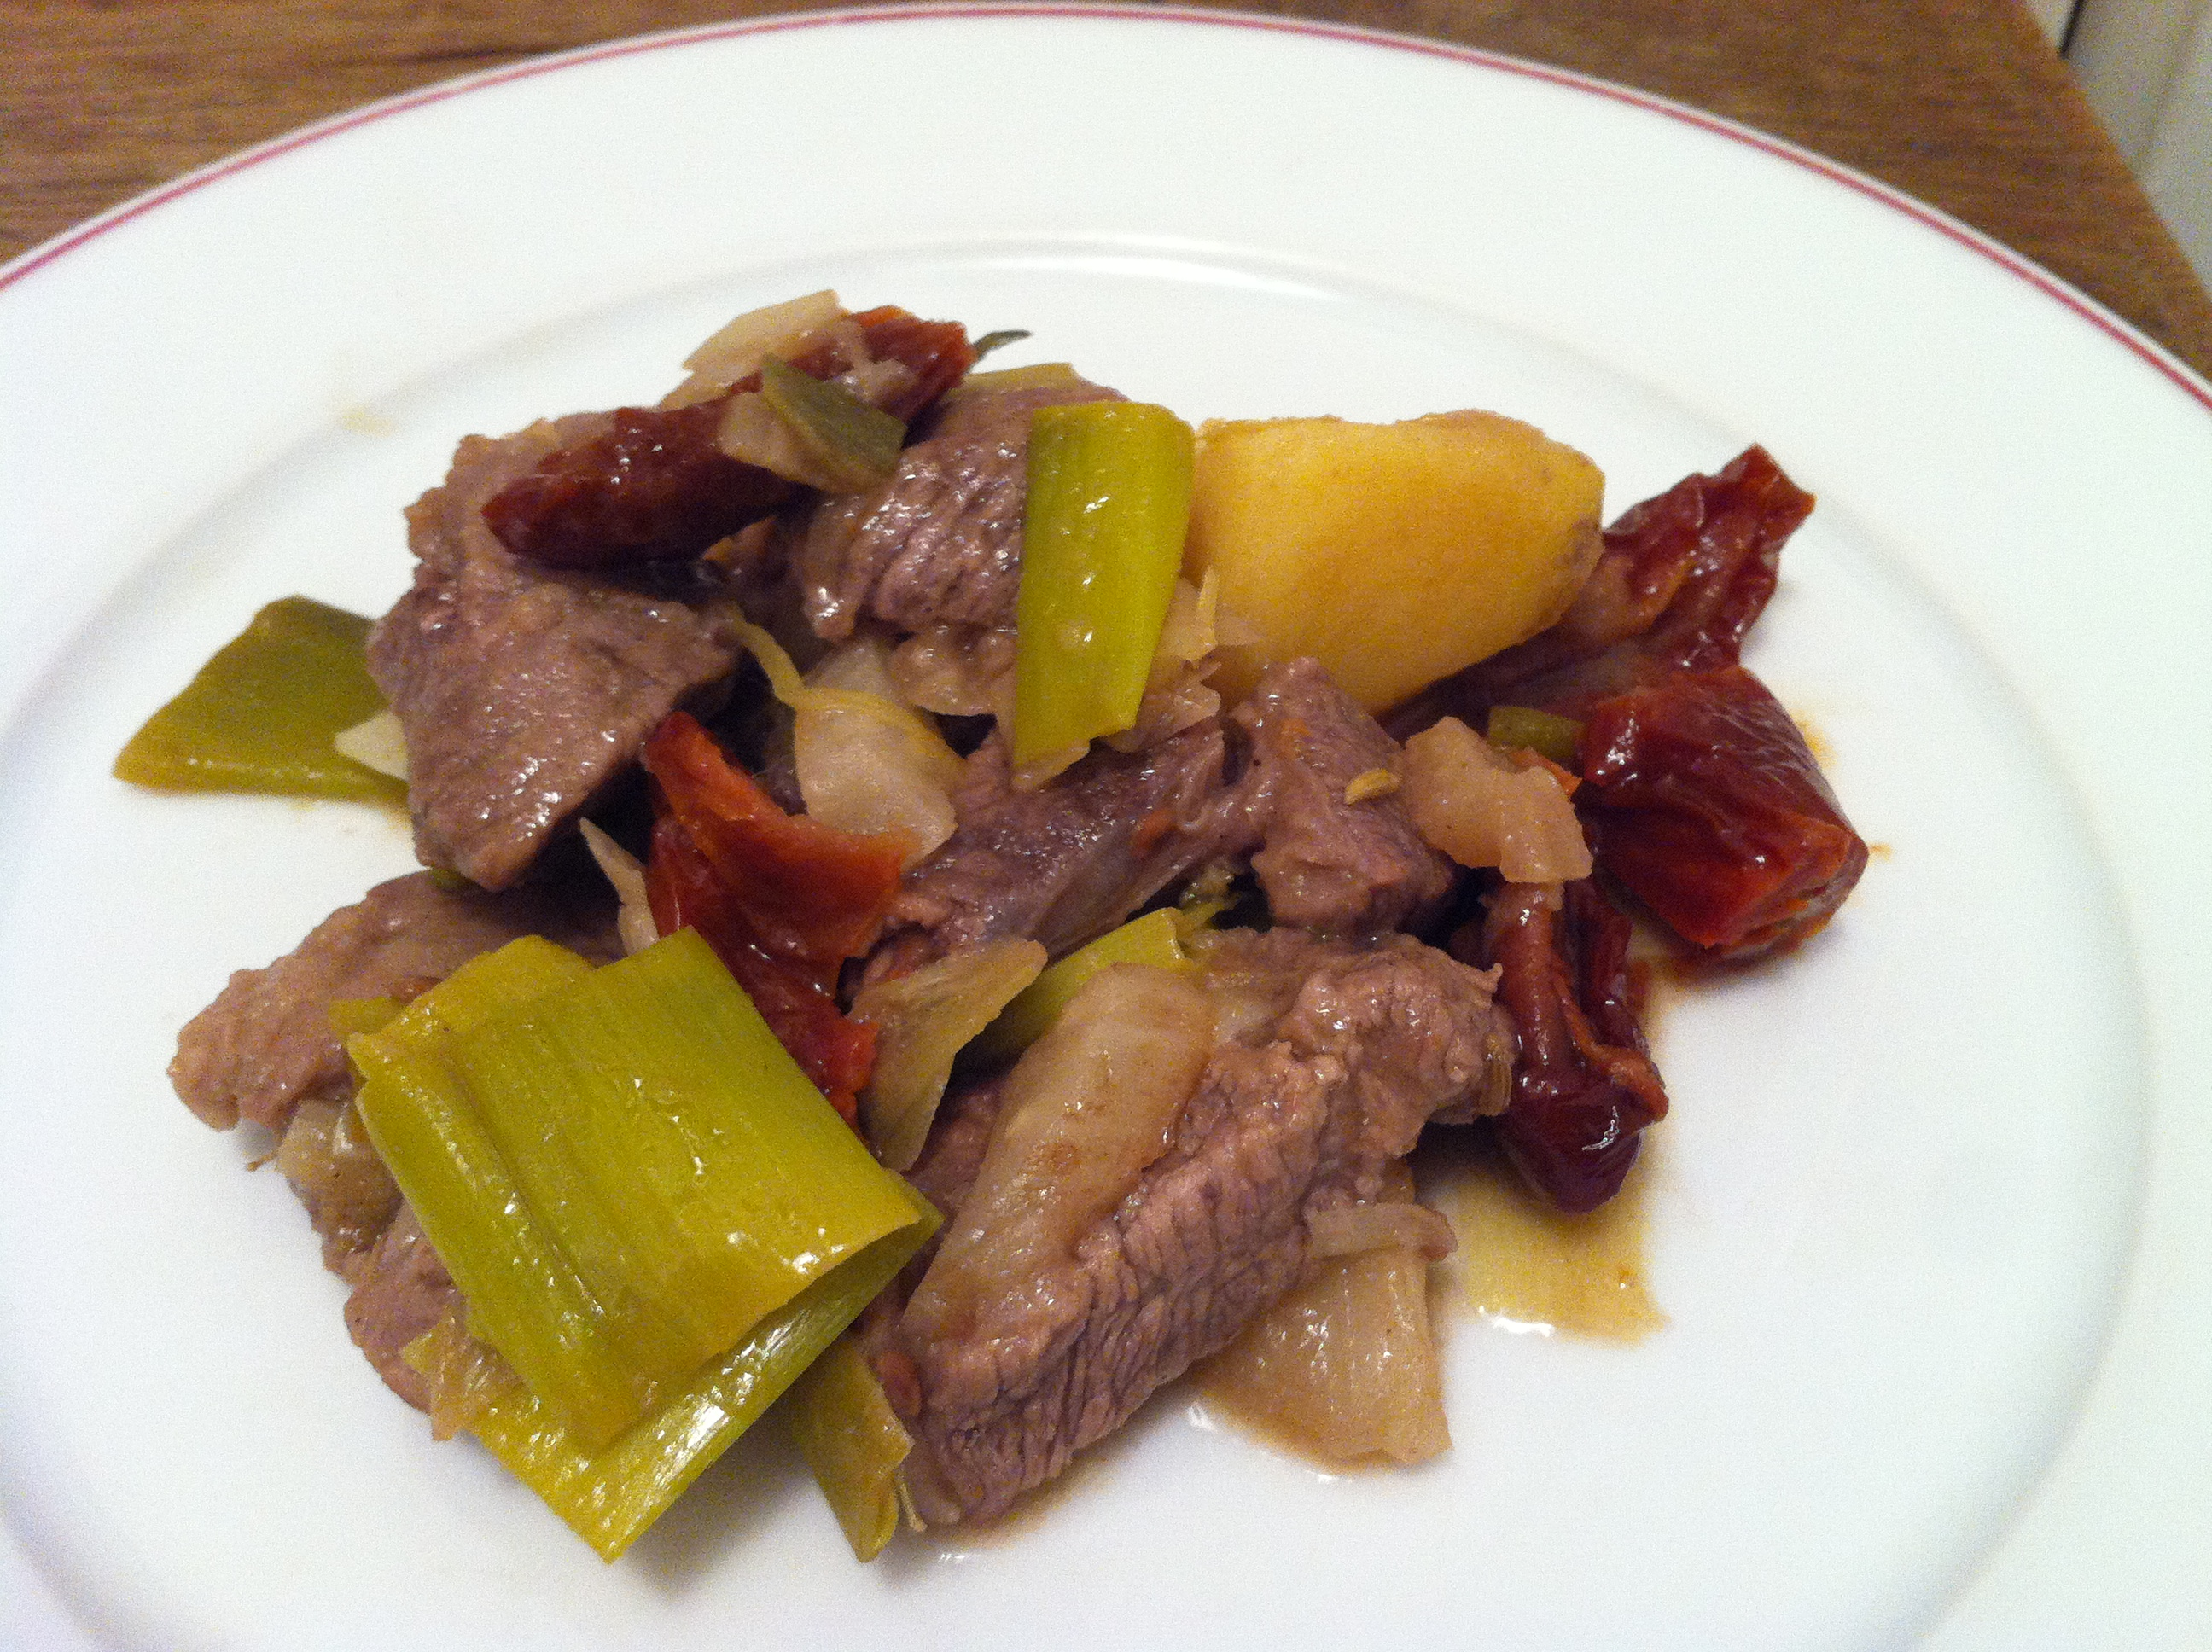 Saut d agneau au fenouil envie de cuisiner - Cuisiner les morilles sechees ...